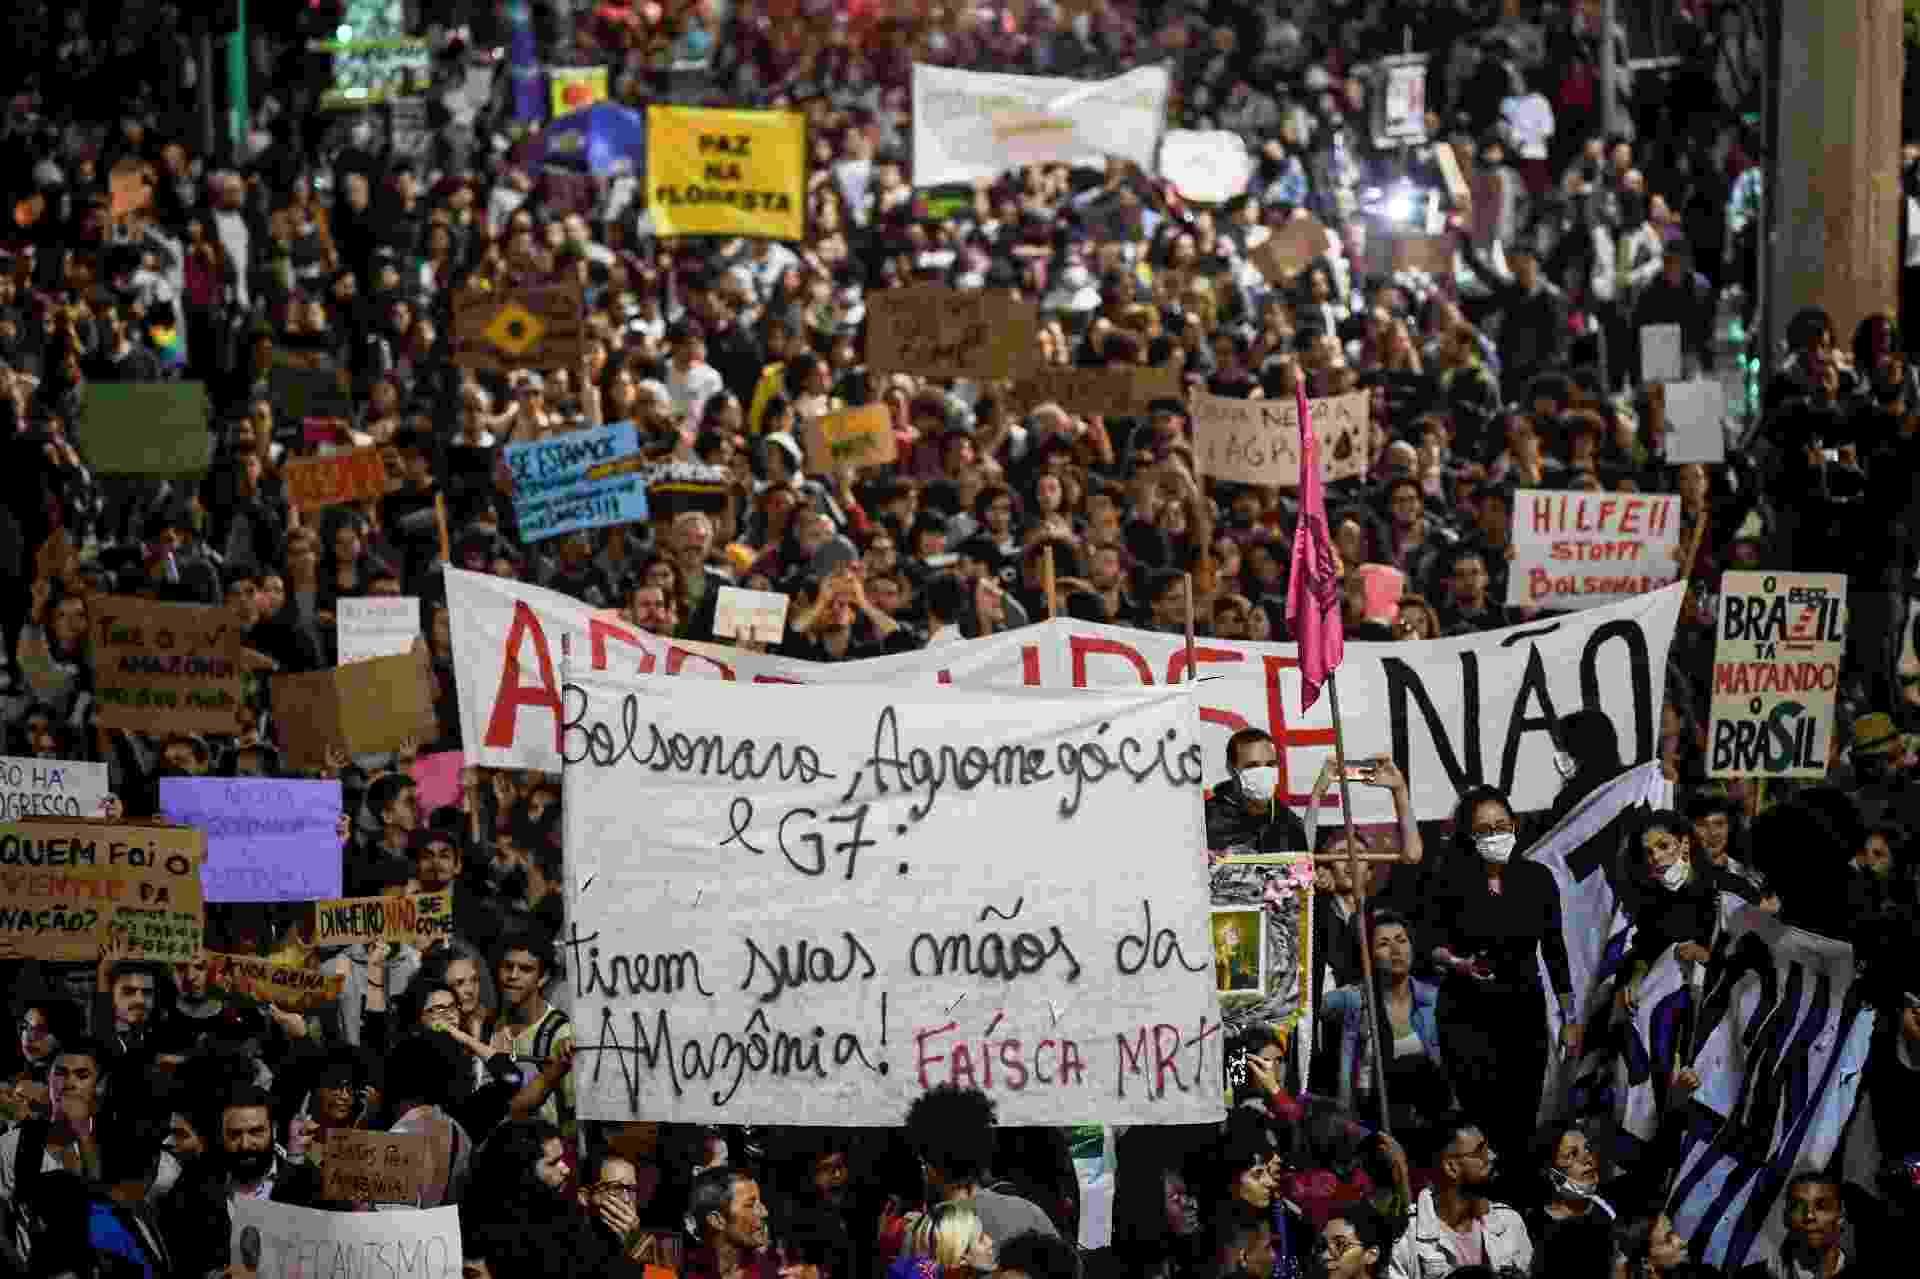 Protesto contra queimadas da Amazônia no Rio de Janeiro aconteceu na Cinelândia - Mauro Pimentel/AFP